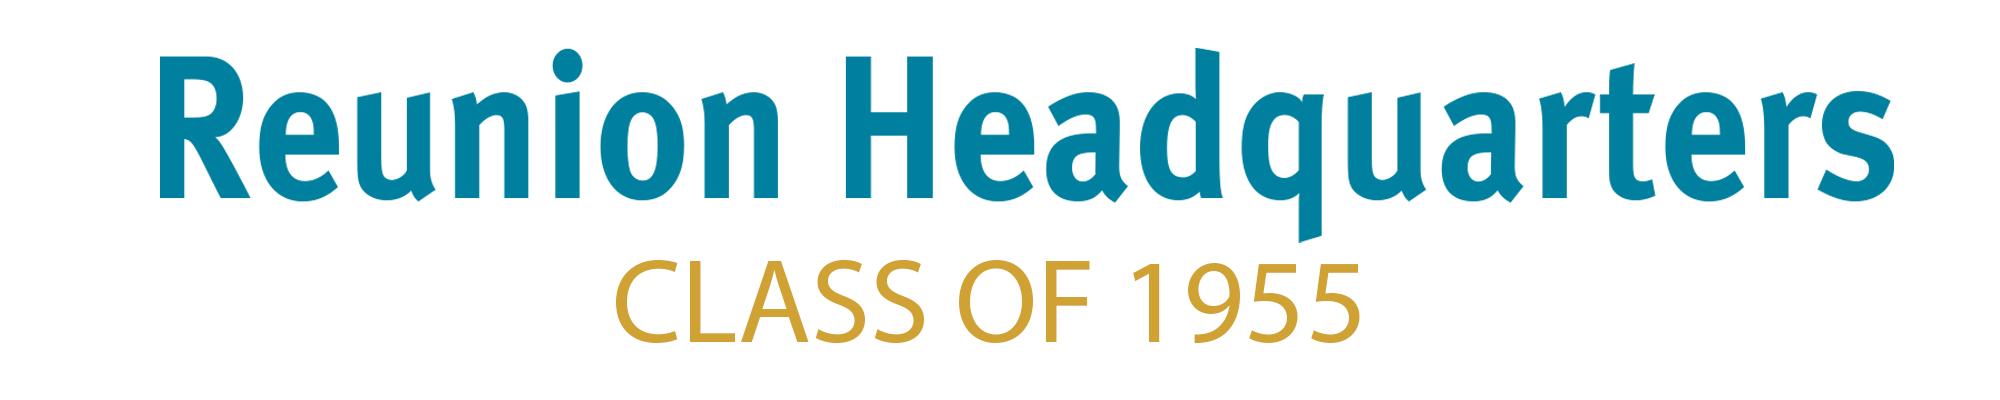 Class of 1955 Header